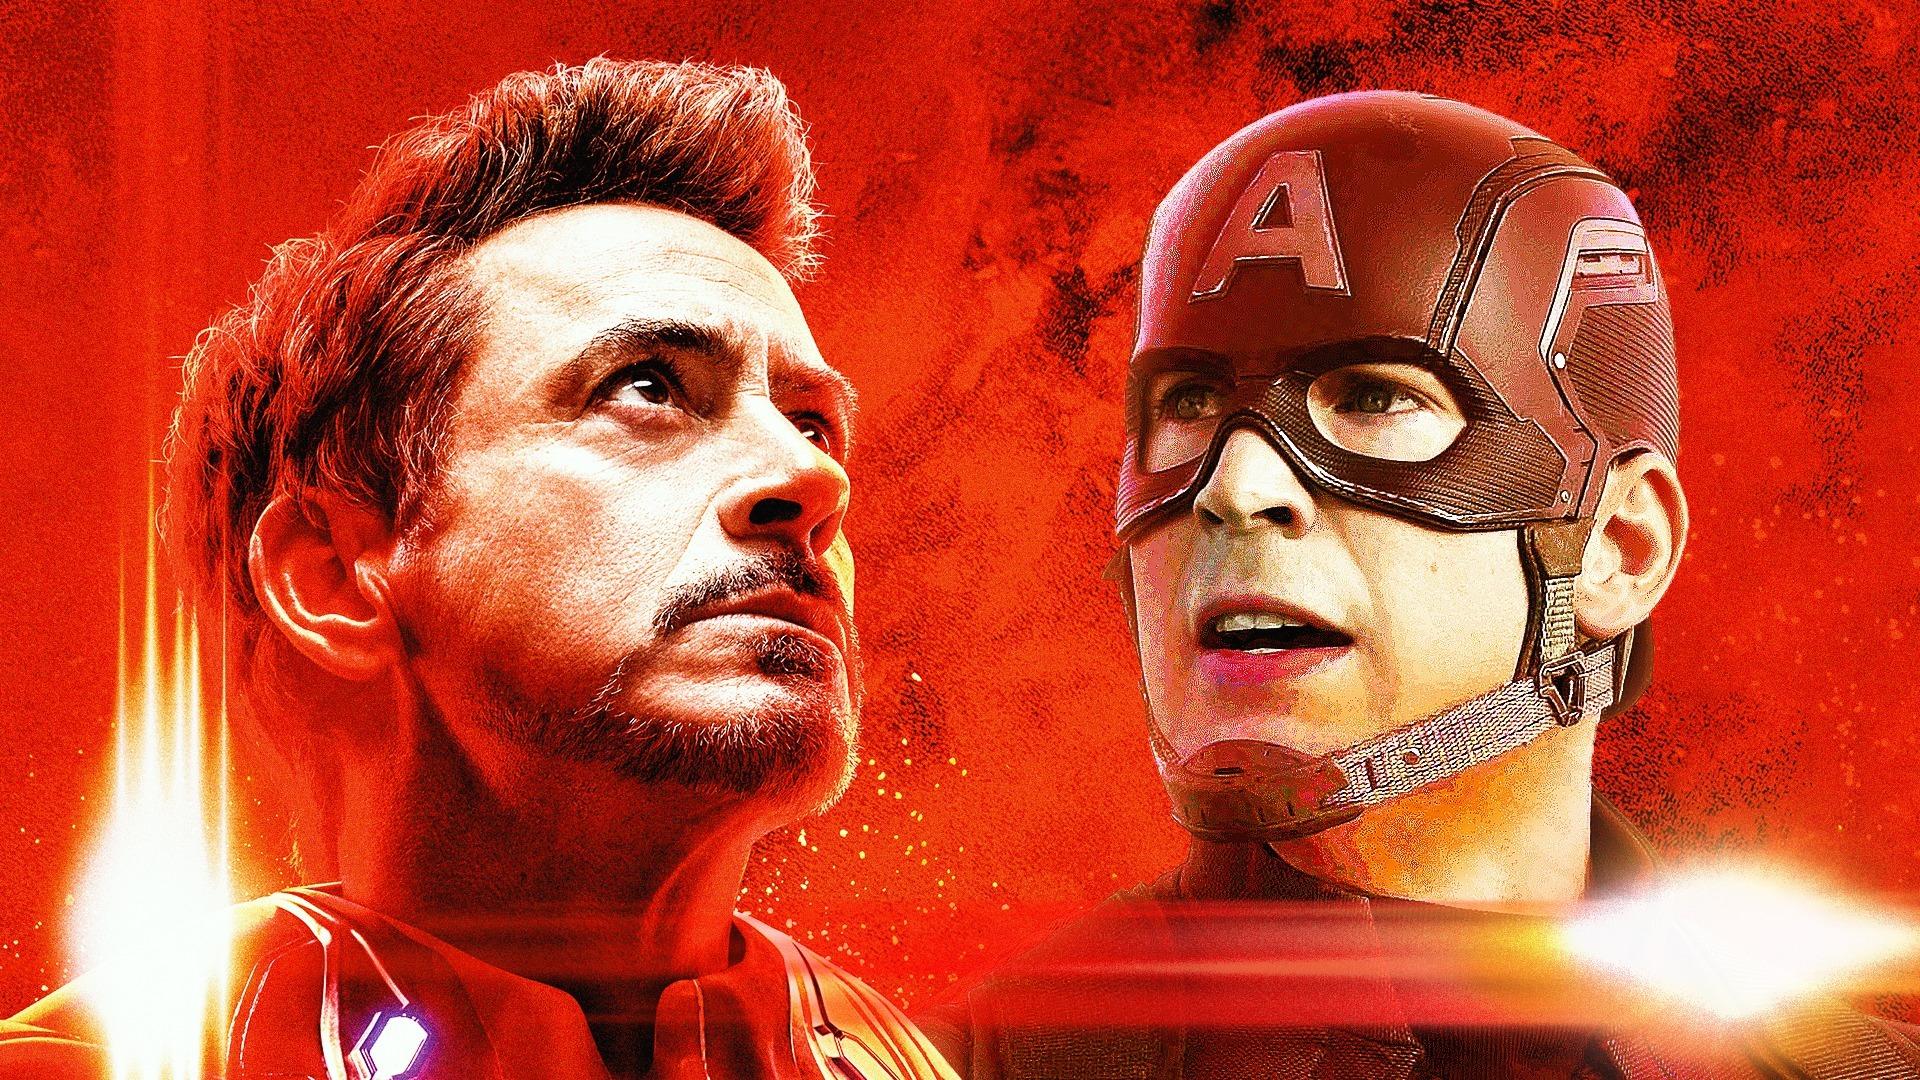 Tony Stark v Avengers: Endgame